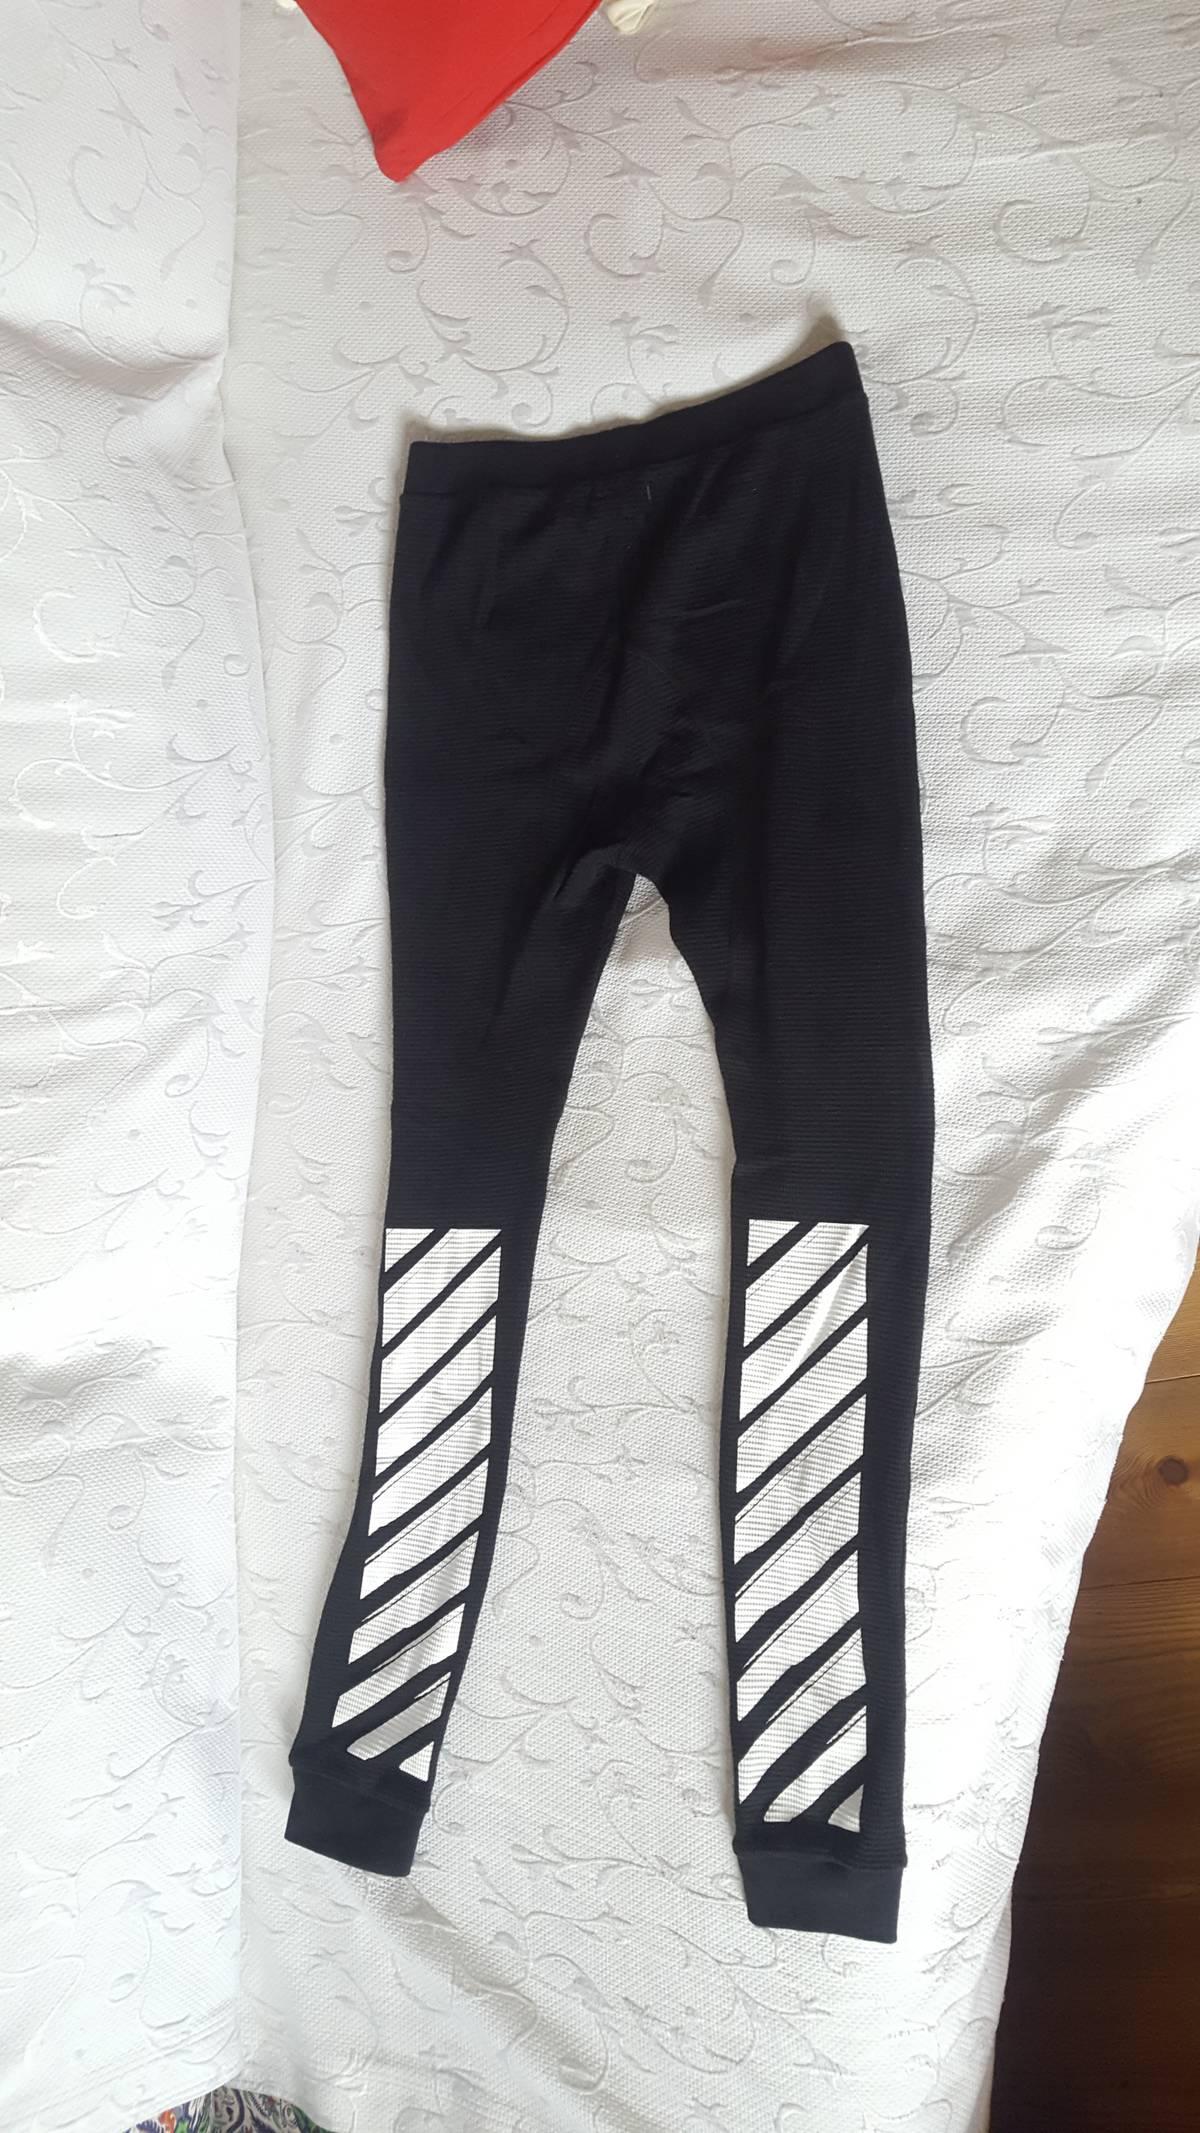 16effa761d76c Off-white Off-white C/o Virgil Abloh Waffle Leggings Knit Black ...